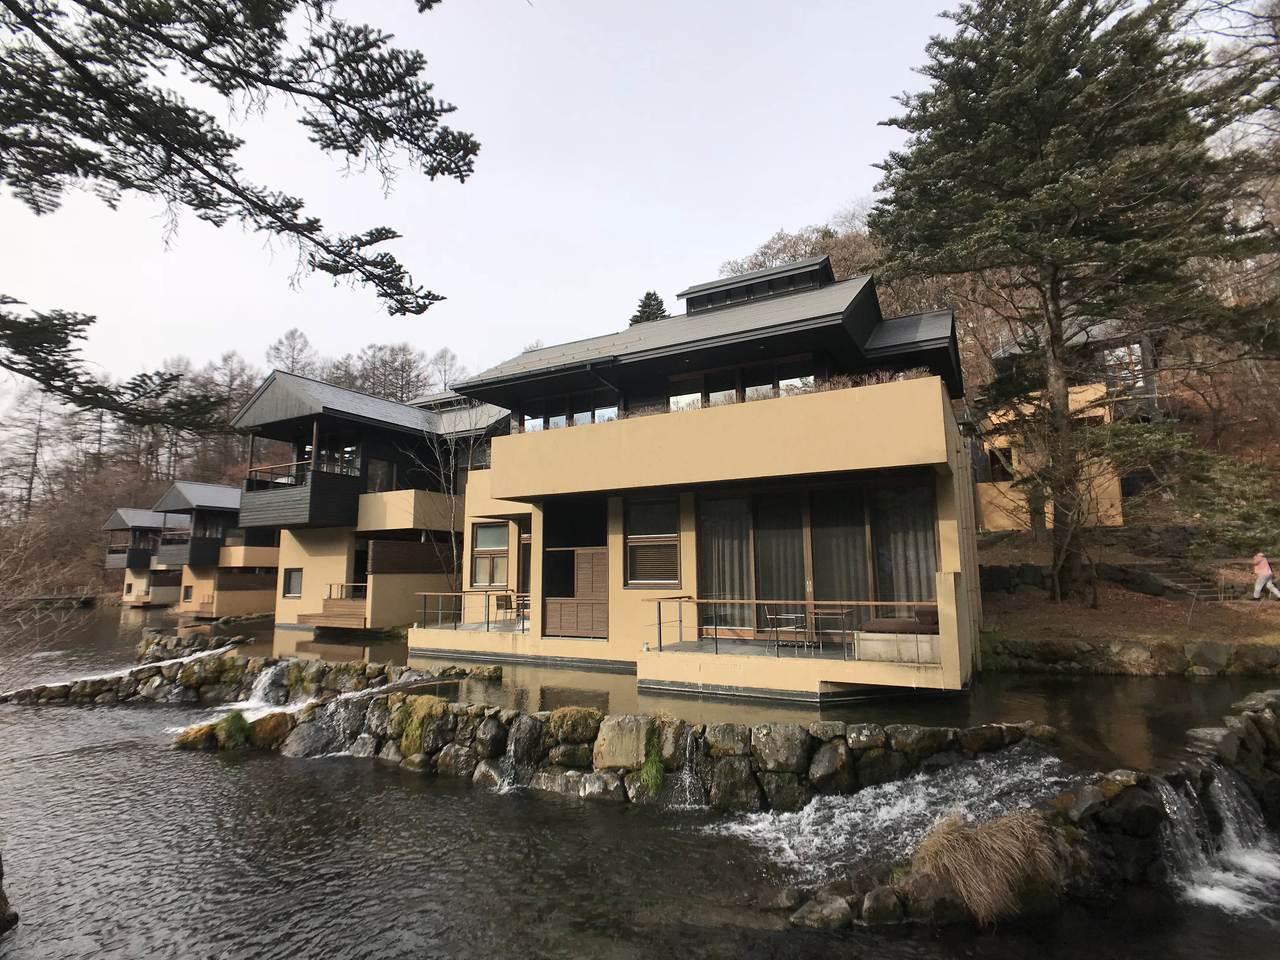 輕井澤是東京人的後花園,也是冬日泡湯熱門景點。